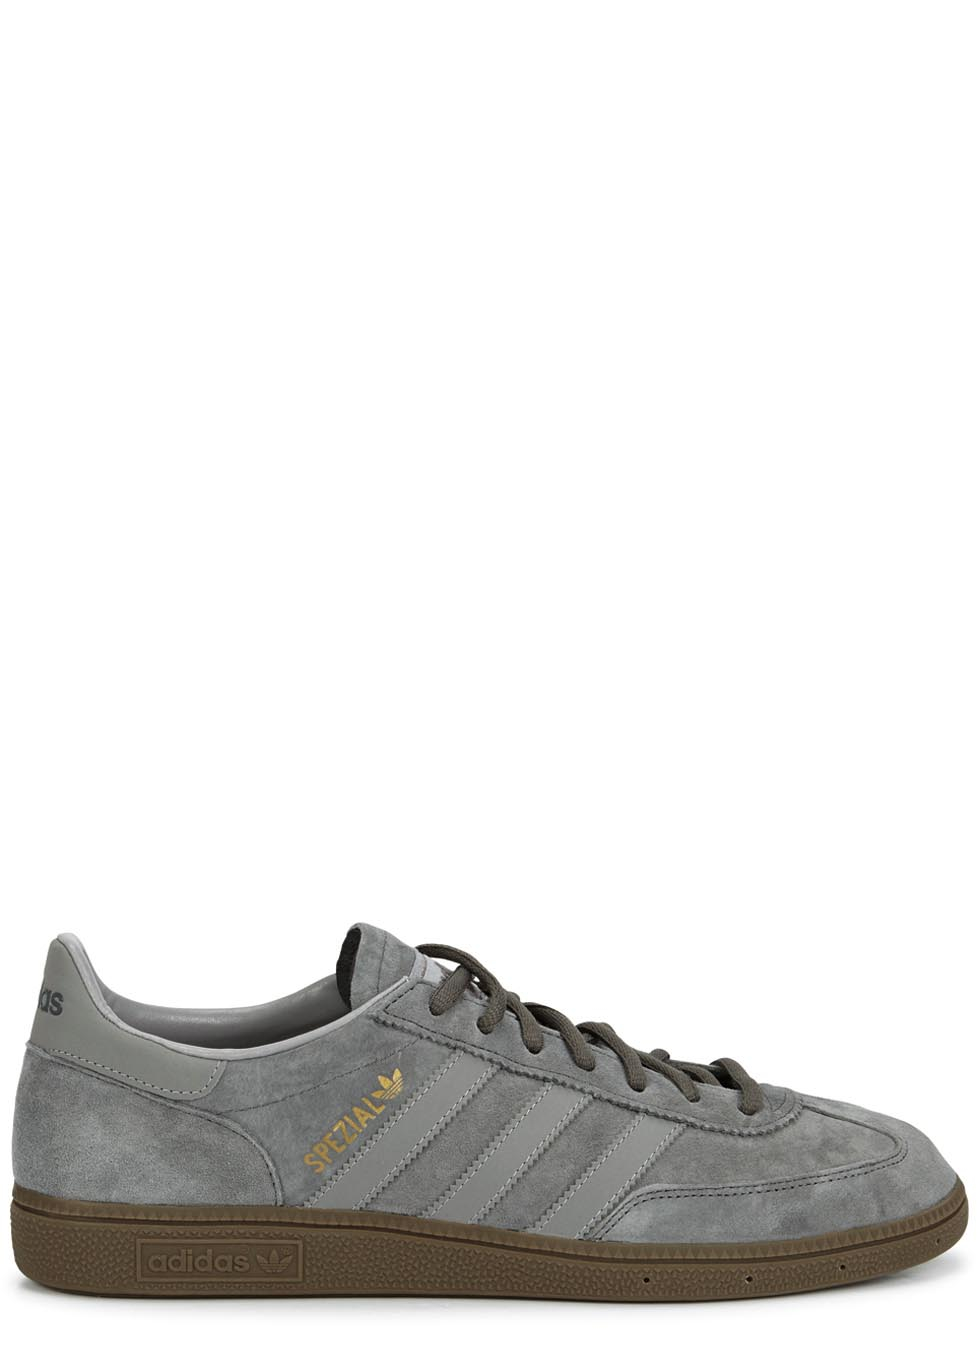 personal Decisión Ardilla  adidas Originals Spezial Grey Suede Trainers in Silver (Metallic) for Men -  Lyst